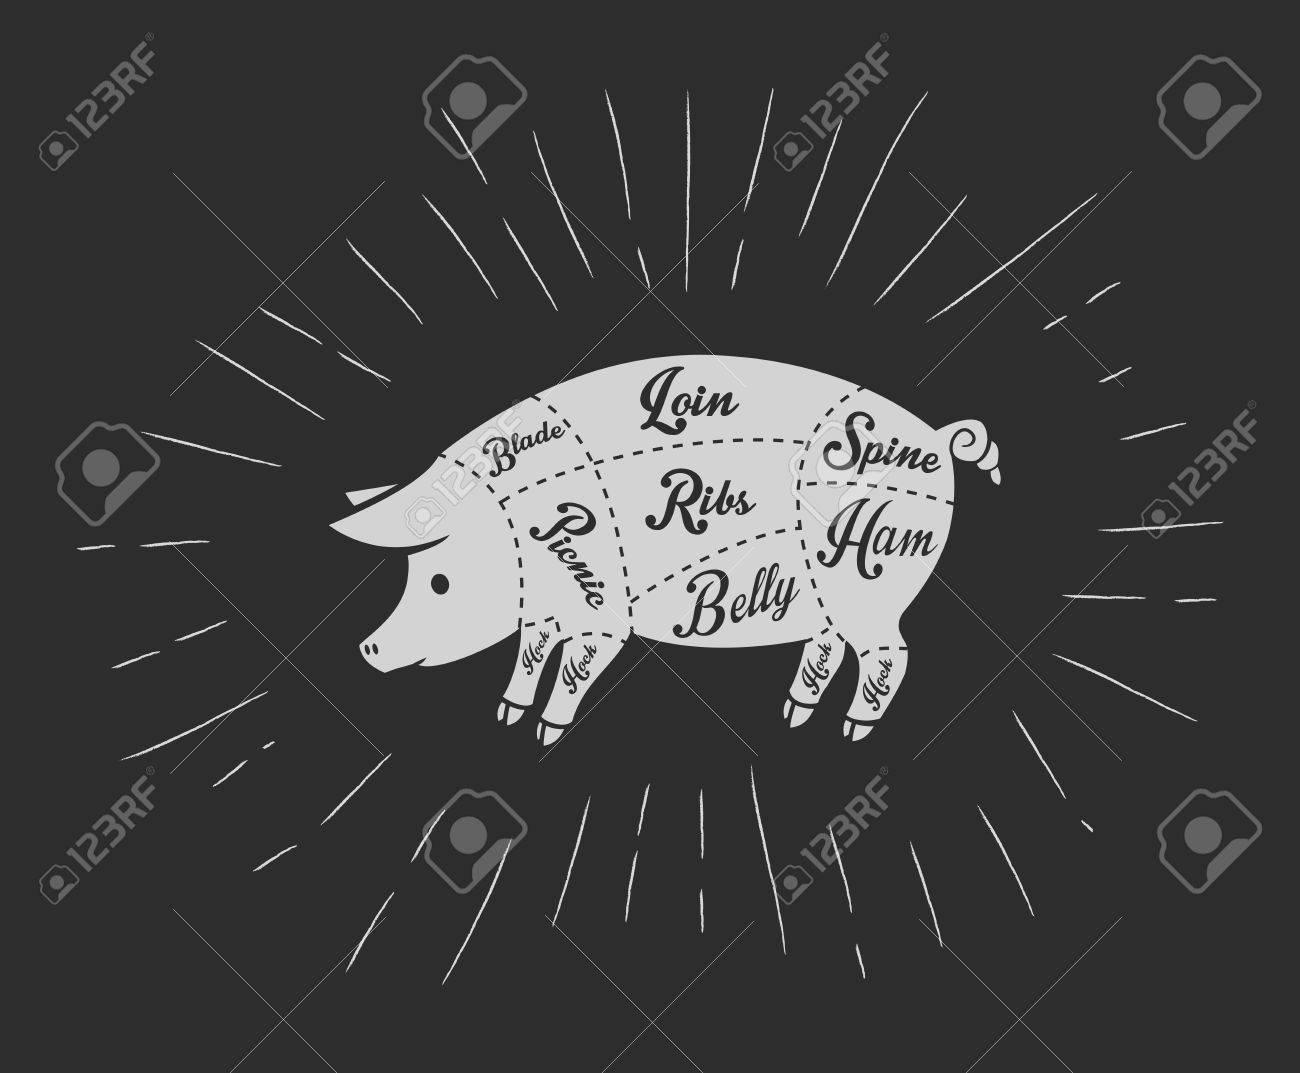 Pork meat cuts in vintage blackboard style - 50612149